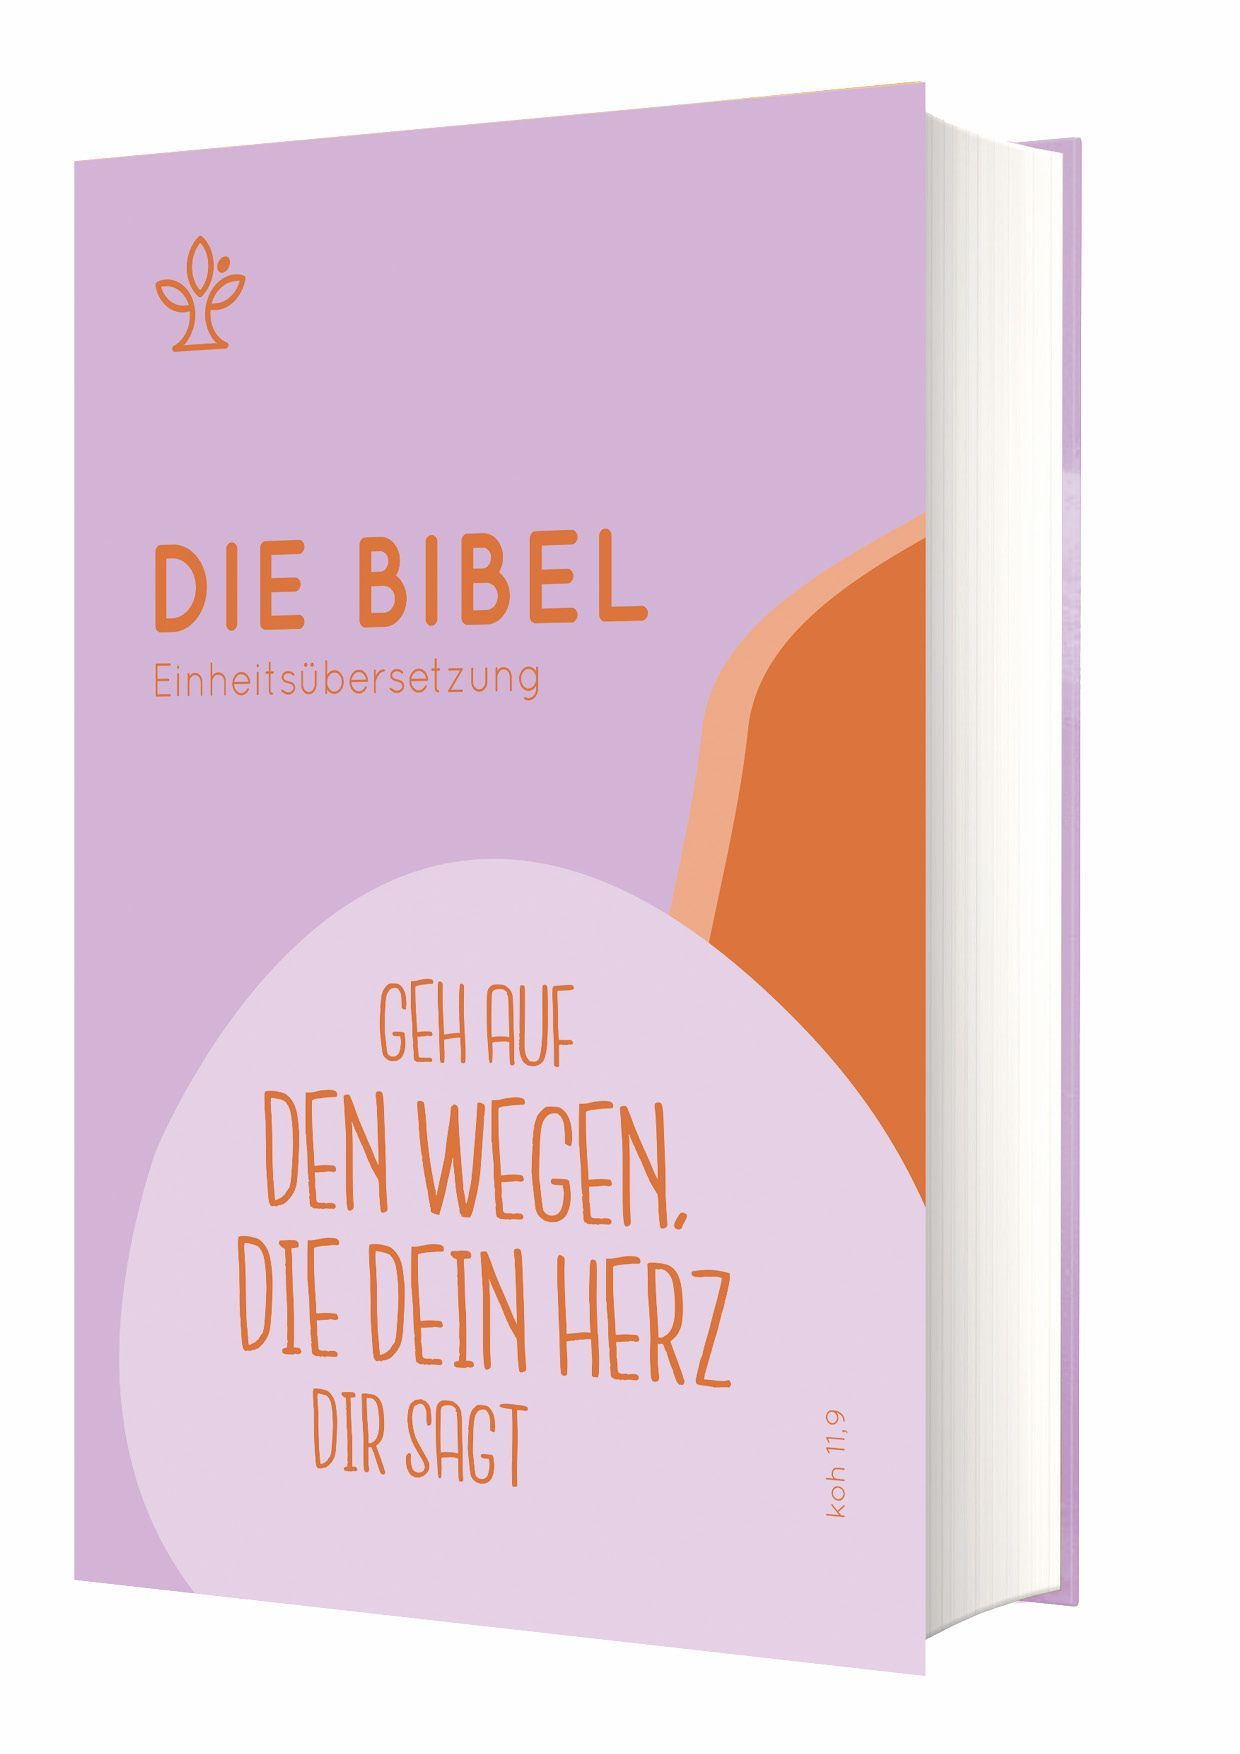 """Die Bibel - Einheitsübersetzung - Schulbibel """"Geh auf den Wegen, die dein Herz"""""""